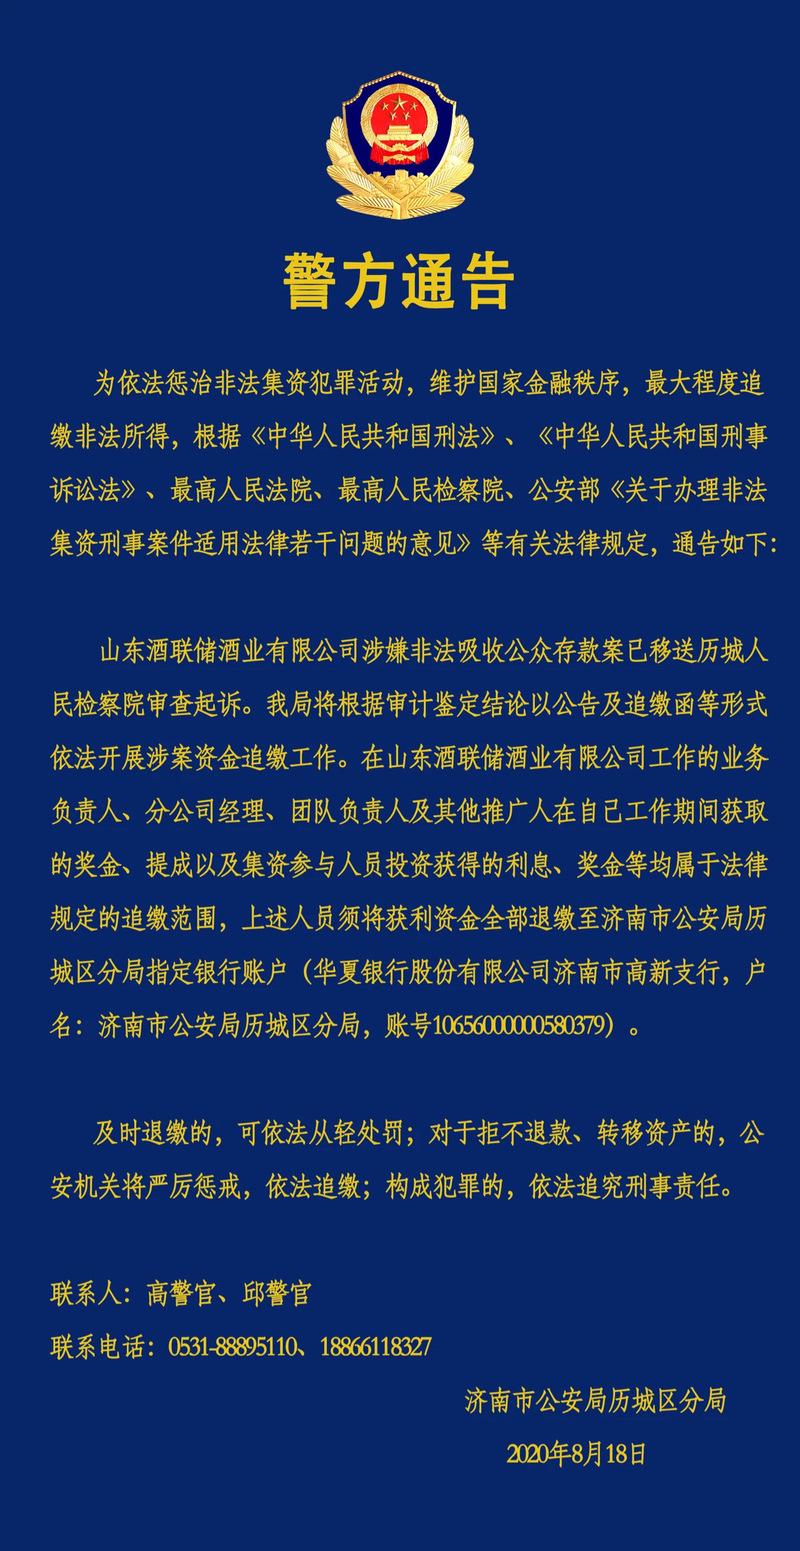 """""""原浆酒亿元大骗局"""":山东酒联储涉嫌非法吸收公众存款被起诉"""